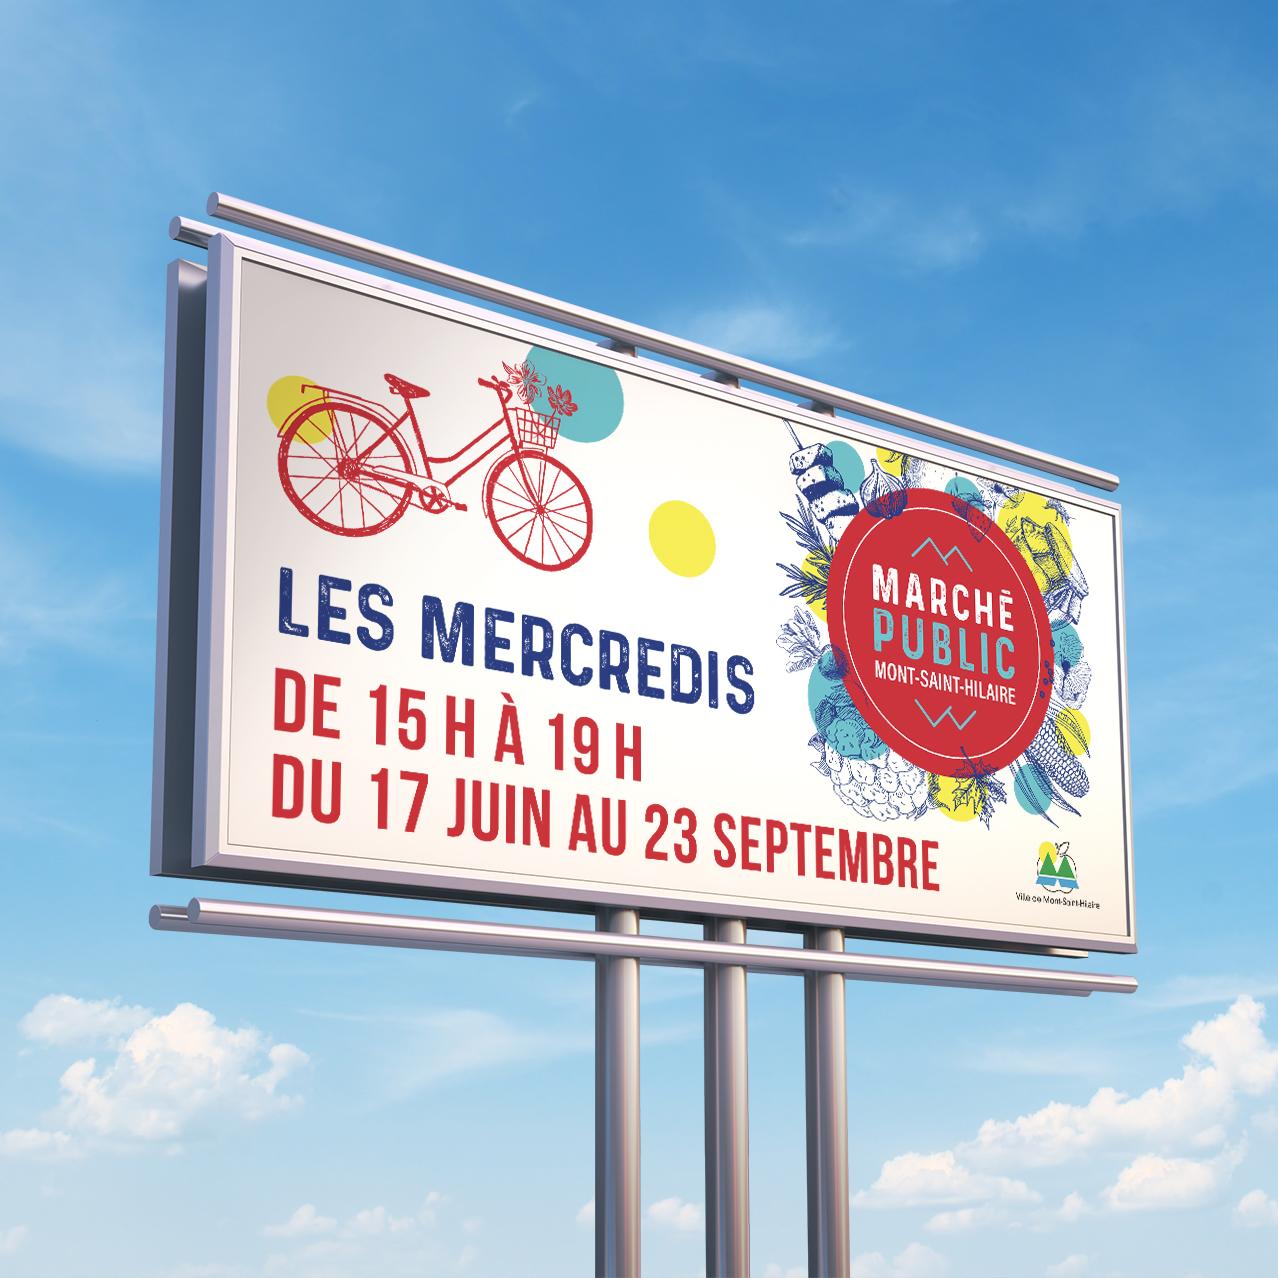 panneau publicitaire marché public mont-saint-hilaire